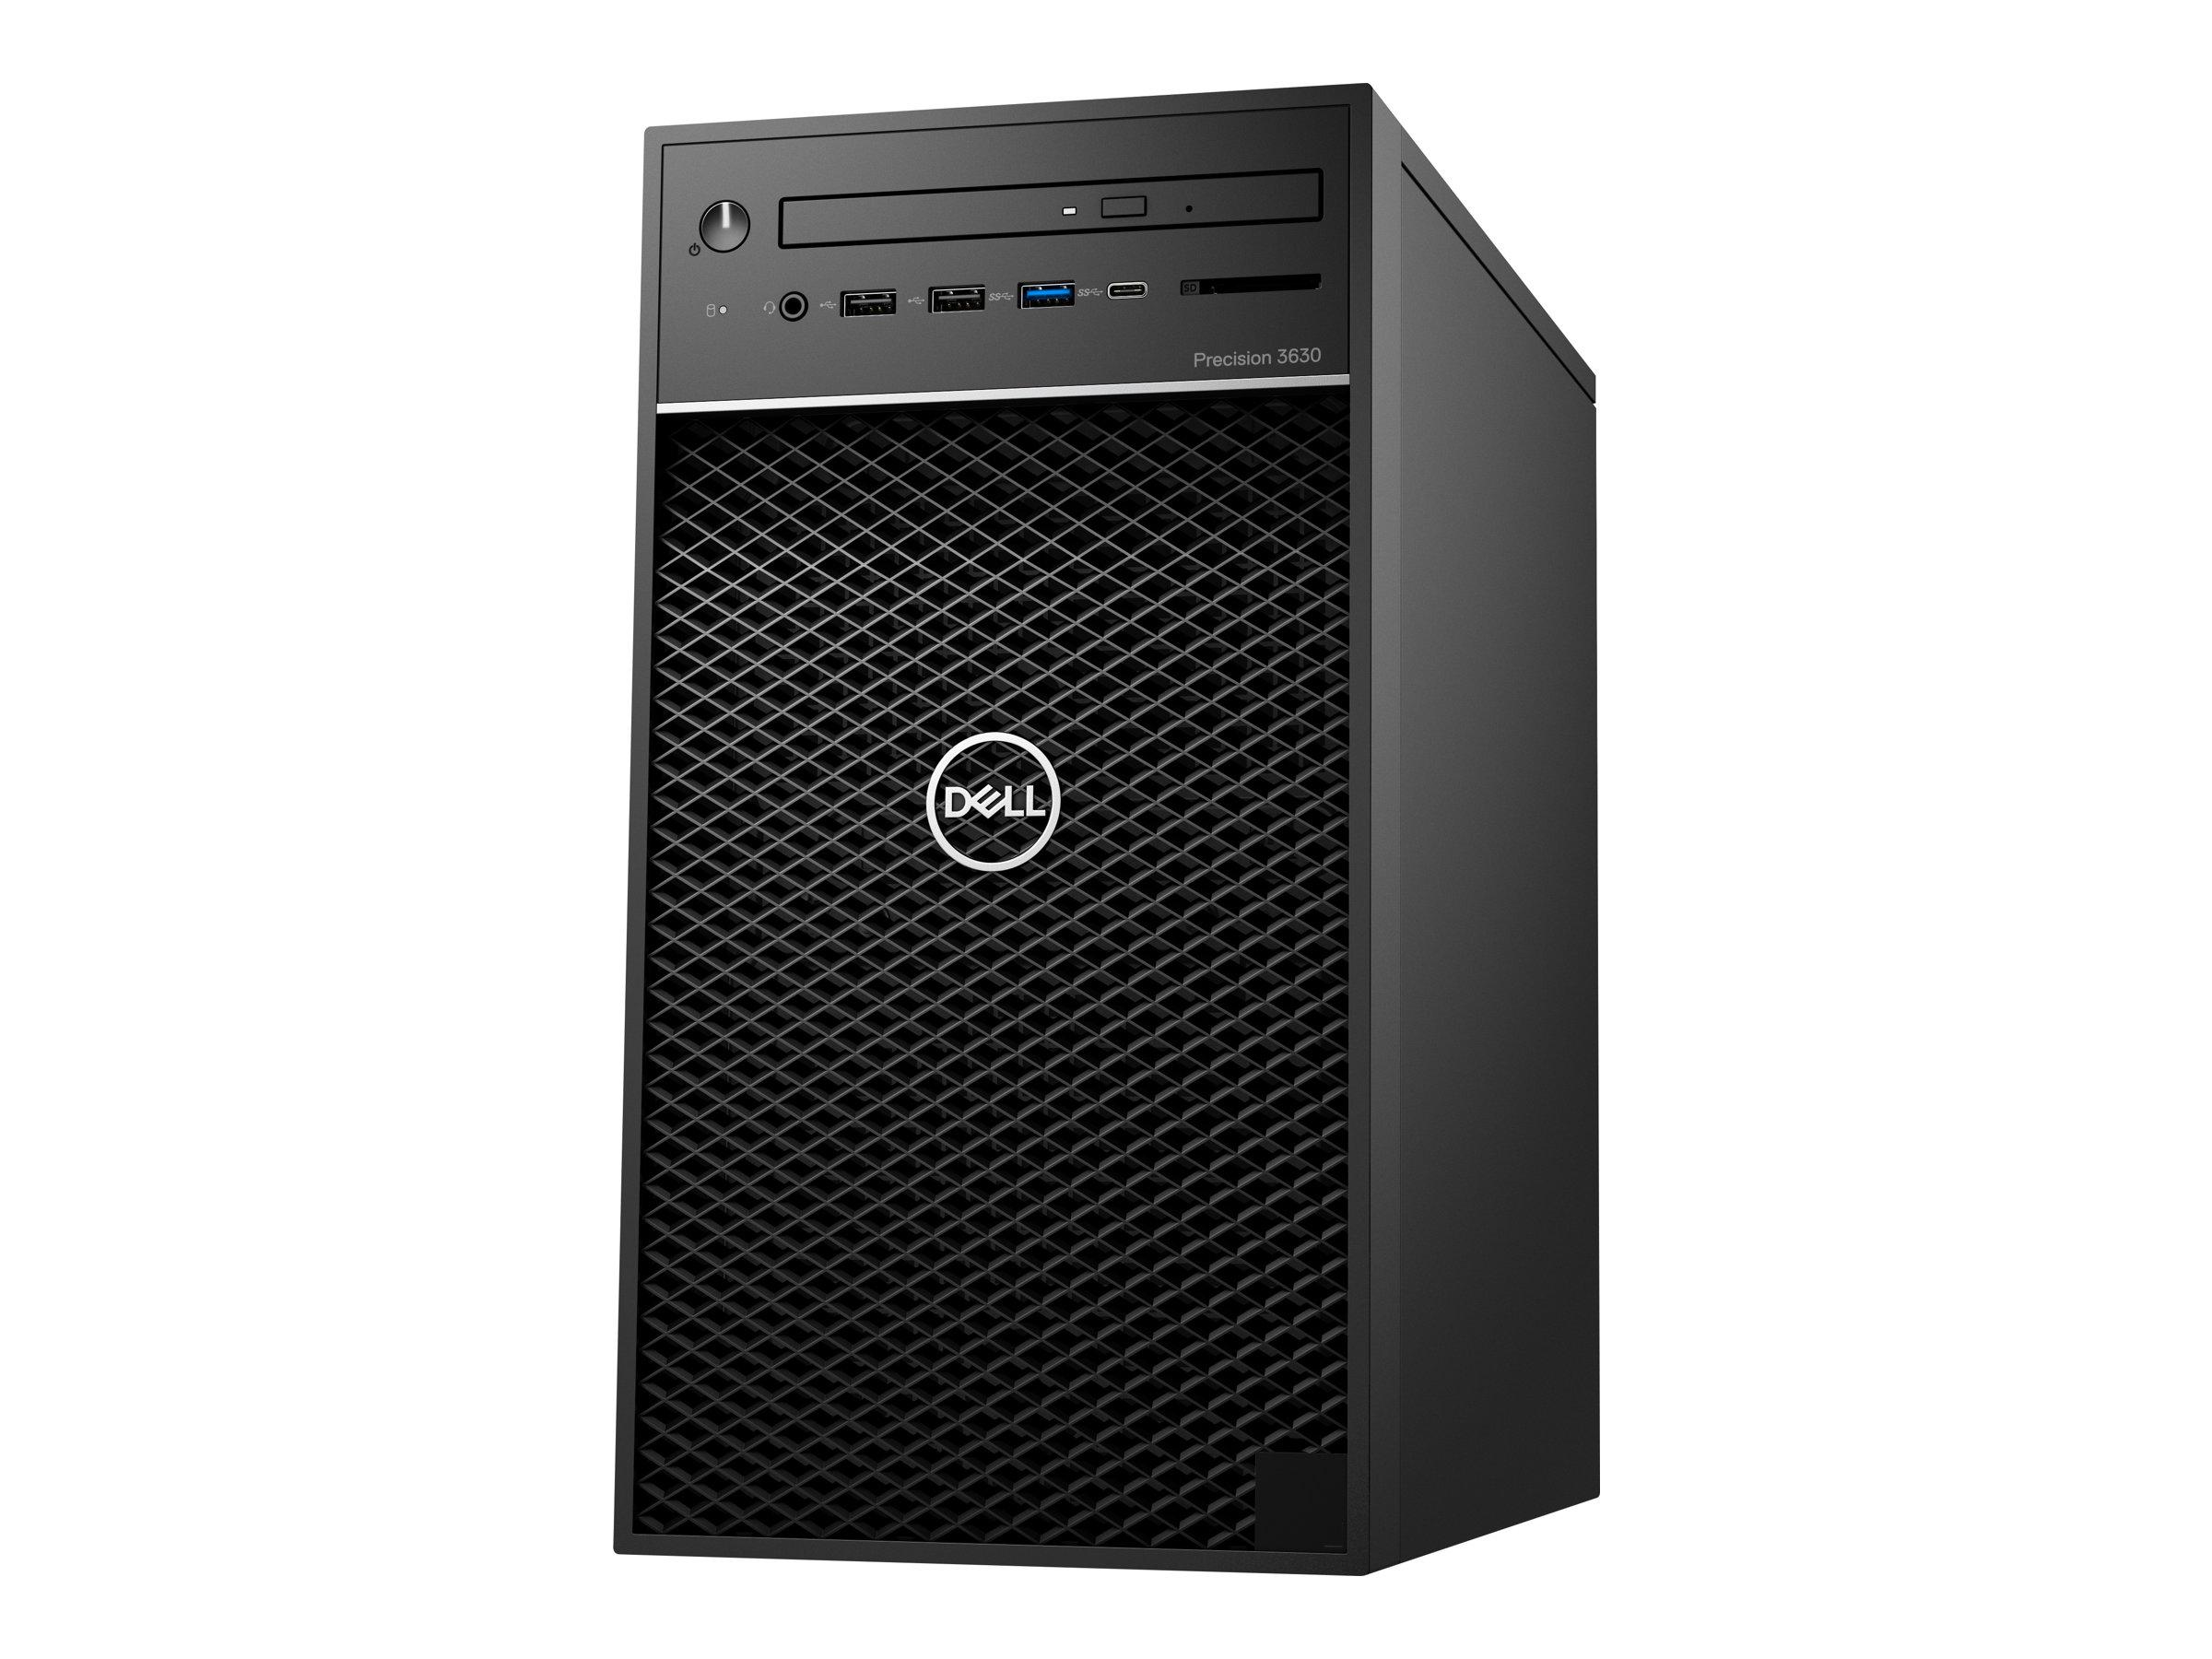 Dell Precision 3630 Tower - MT - Core i7 9700 3 GHz - vPro - 16 GB - SSD 512 GB